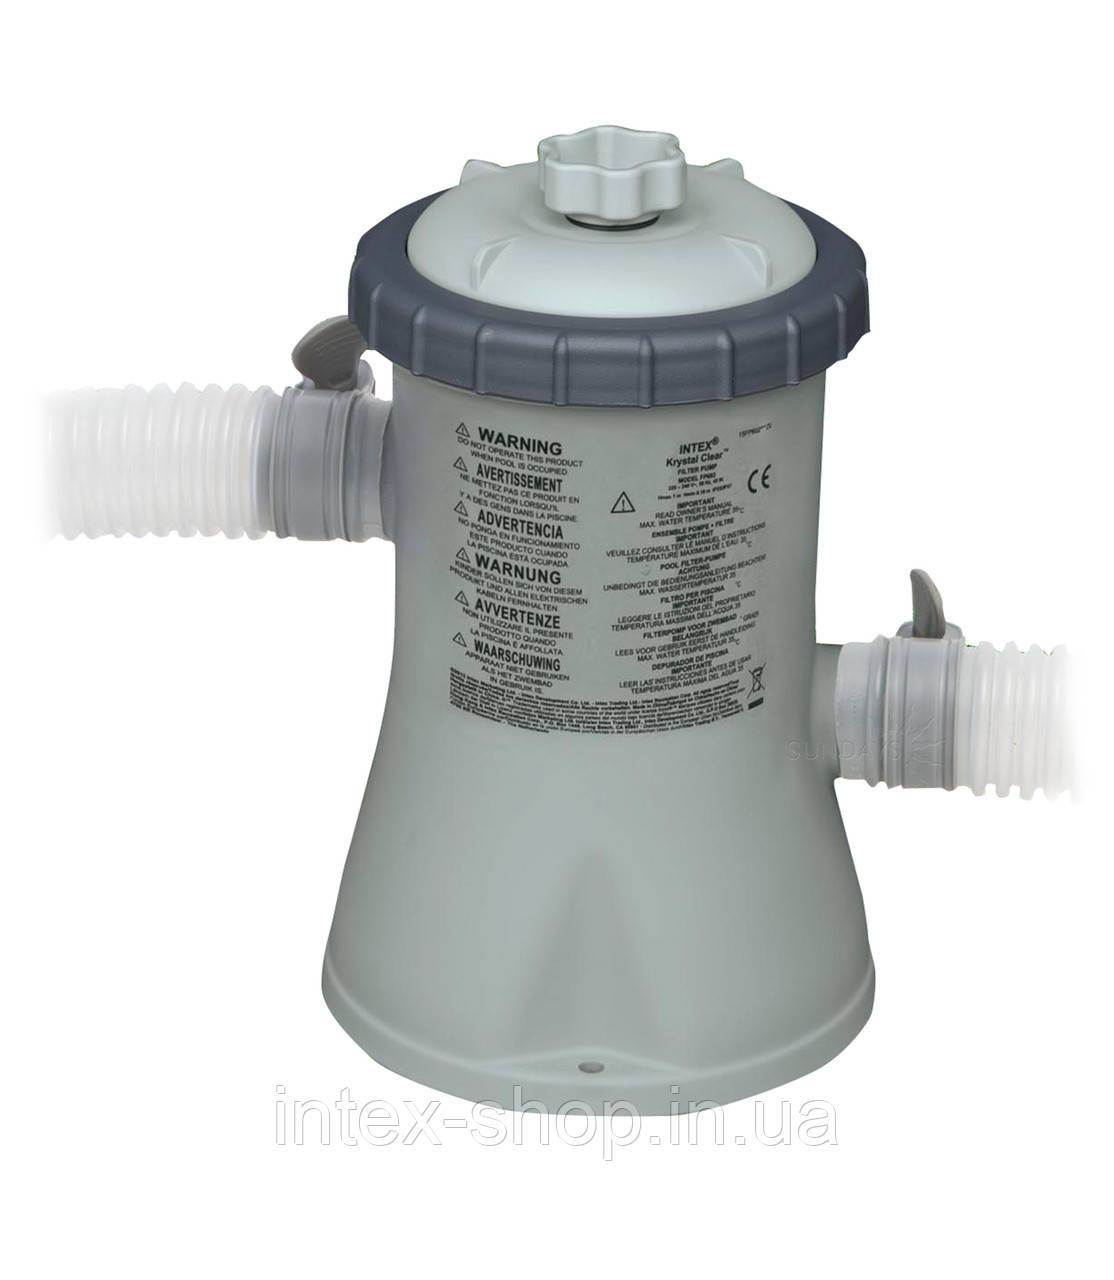 Насос для фильтрации воды 1250 л/ч, Intex 28602